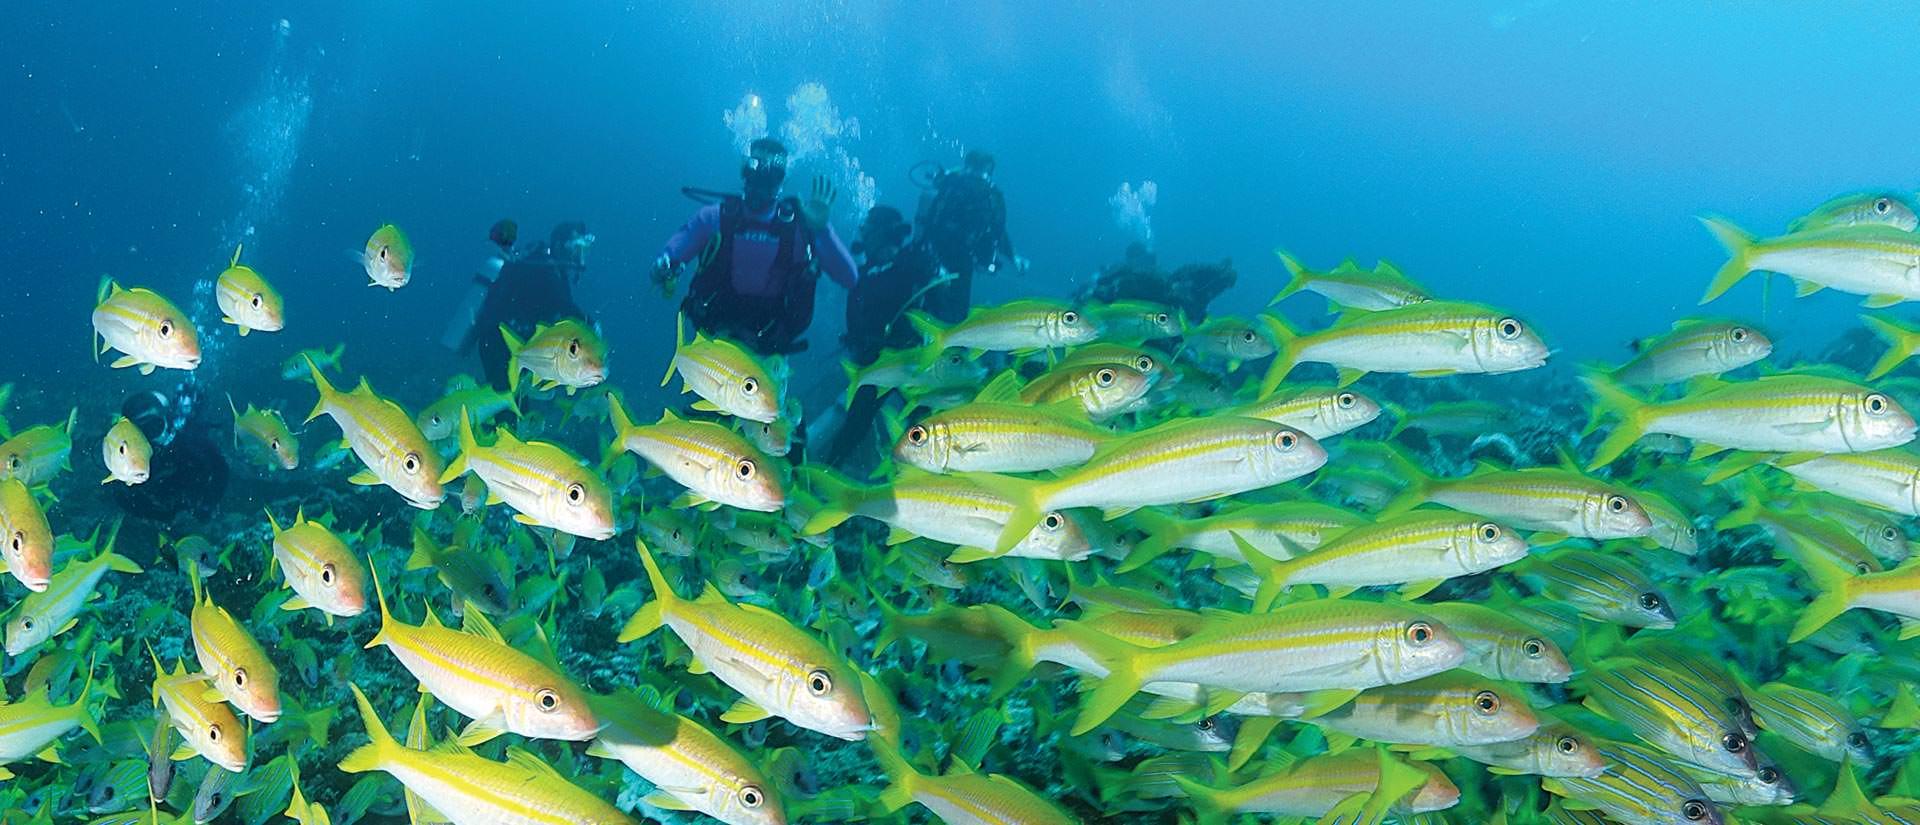 ספארי צלילה במלדיביים - 9 ימים - 'אוקטובר מלדיפסט' קרנבל במלדיביים